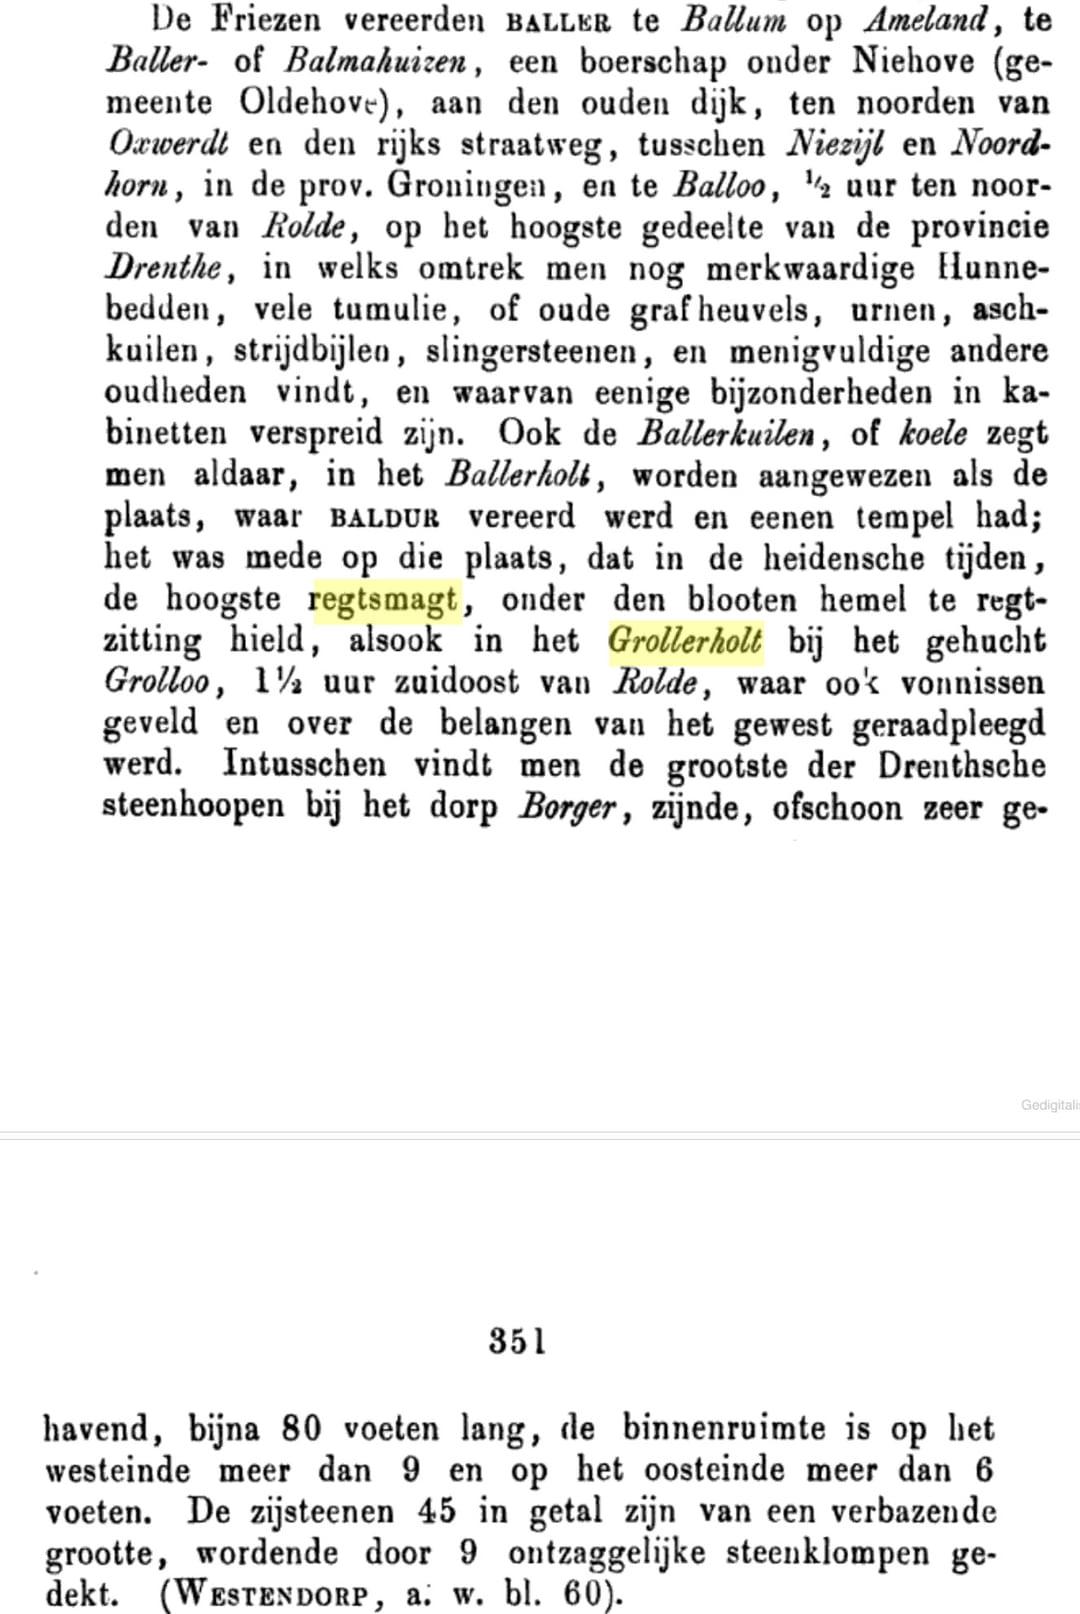 1860 boek Grollerholt